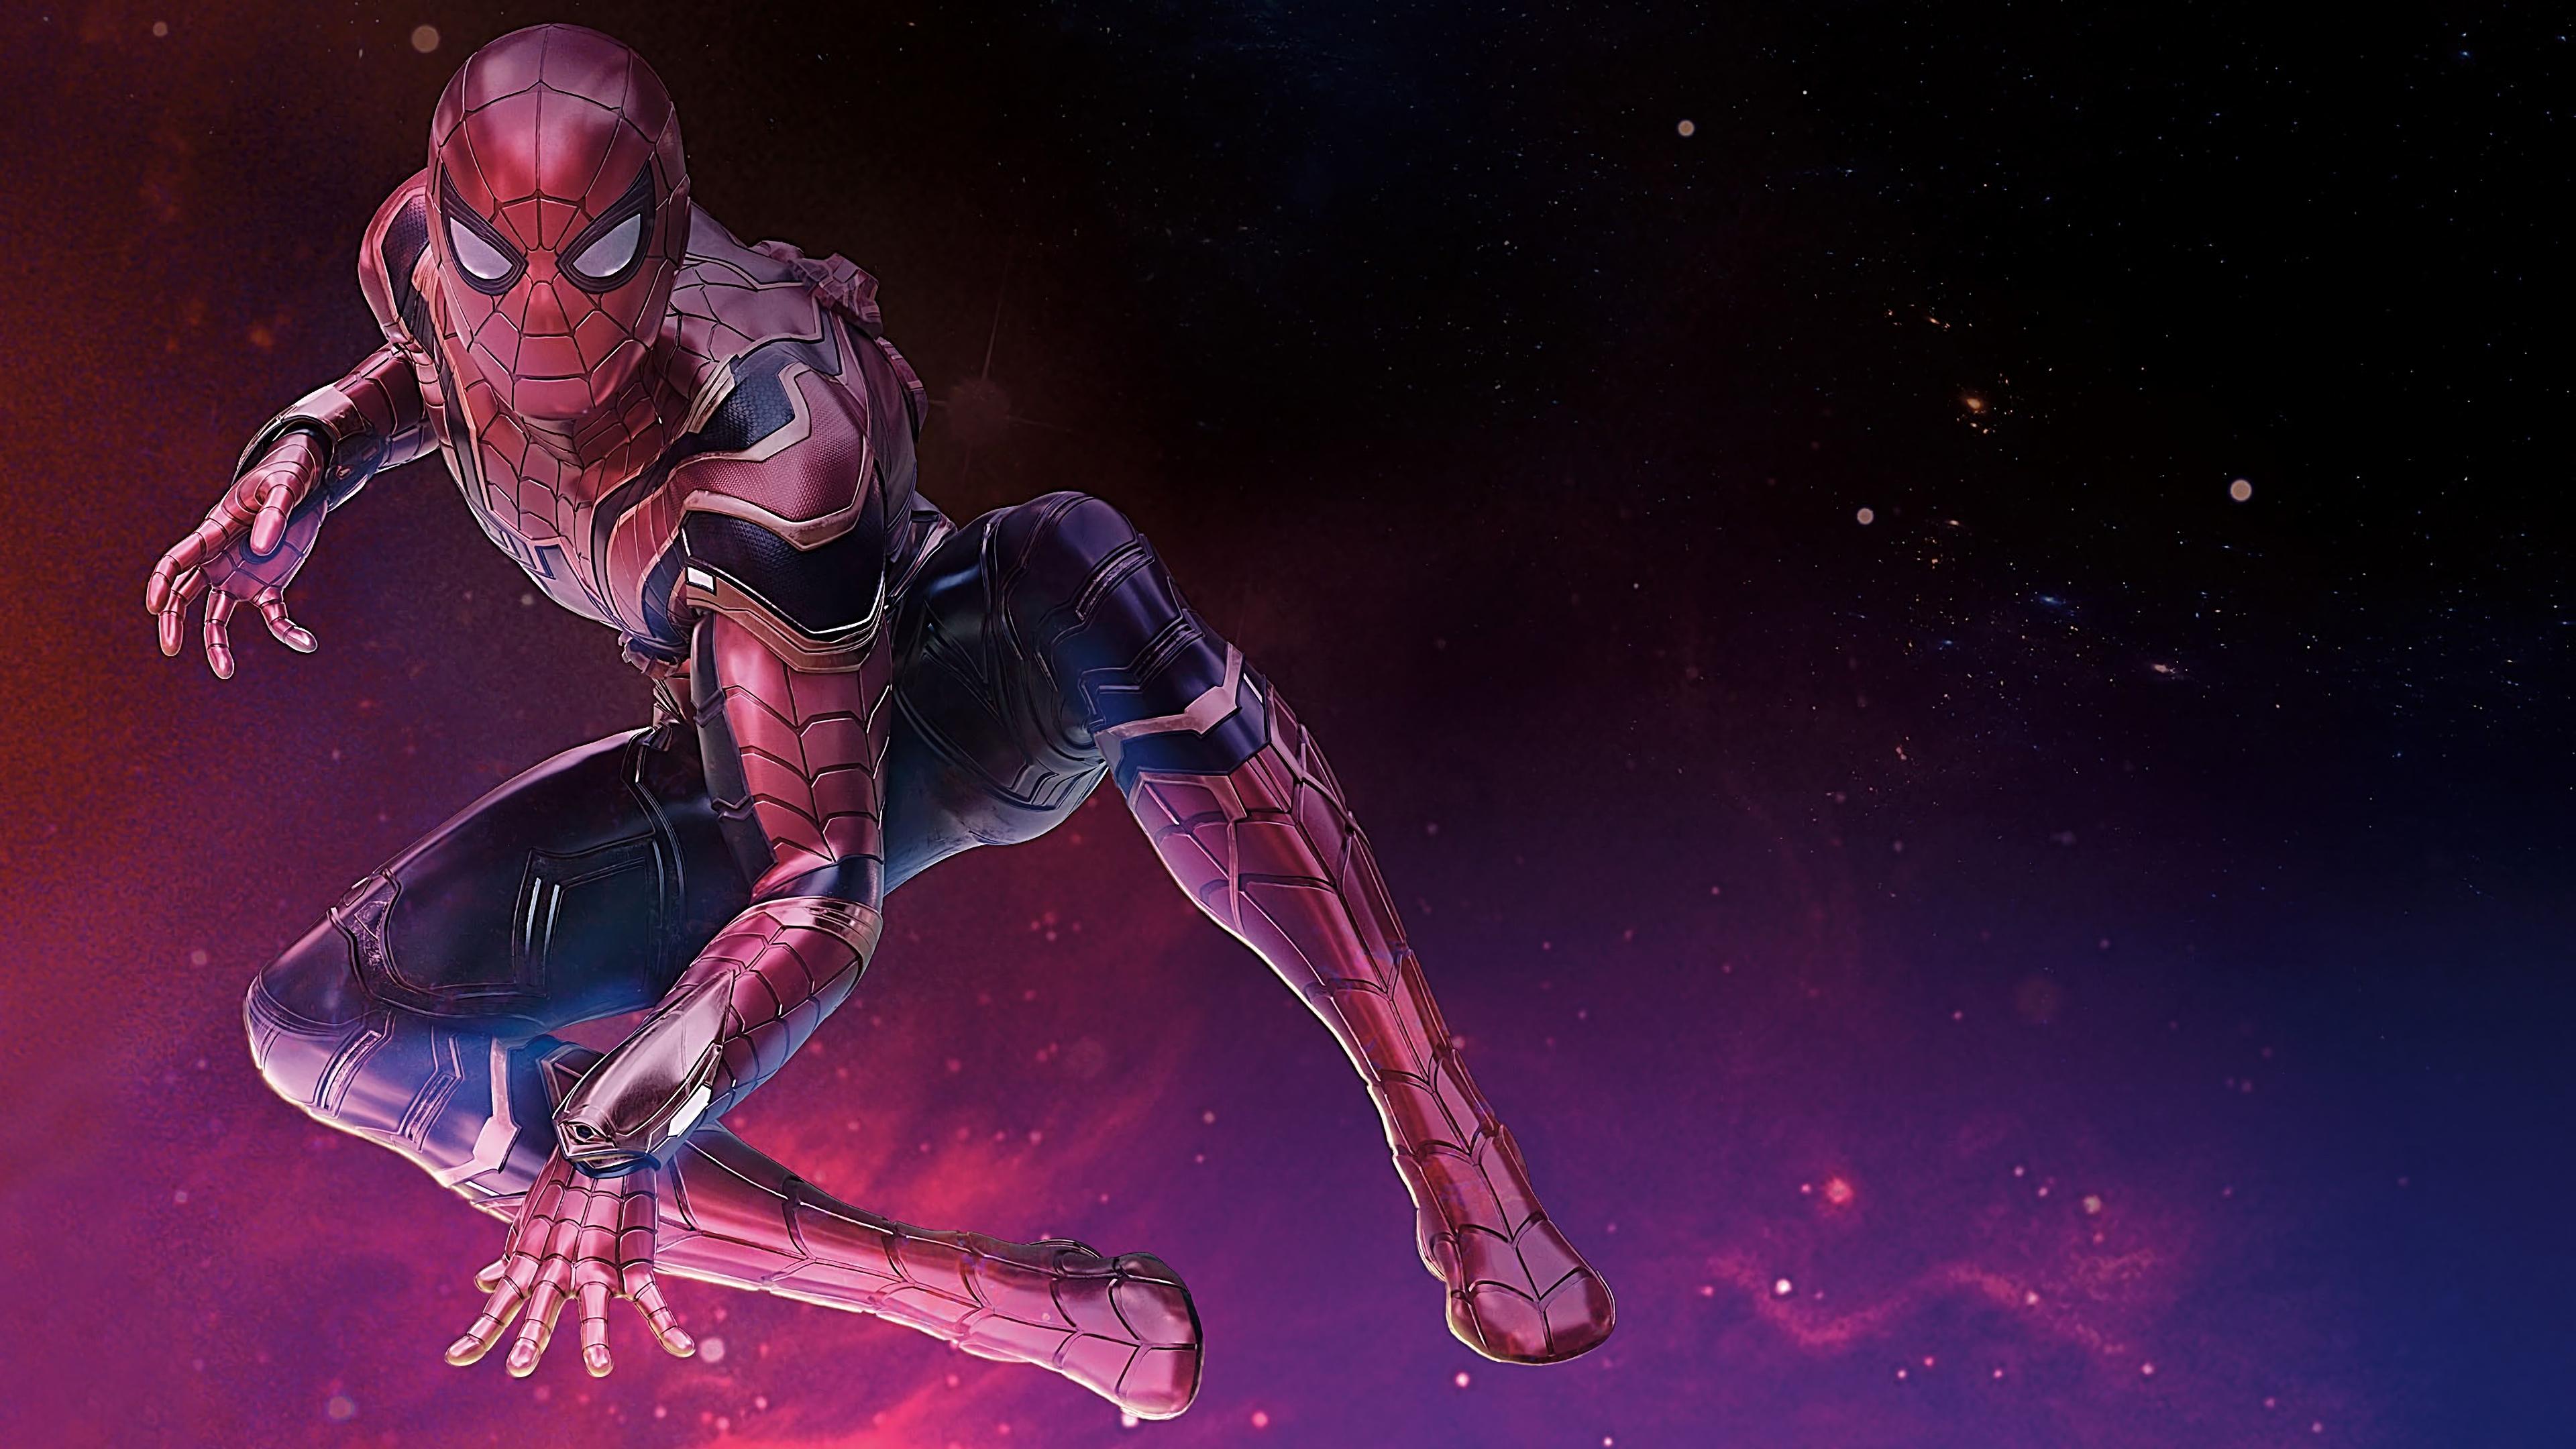 Avengers Infinity War Iron Spider Man 4k Ultra Hd